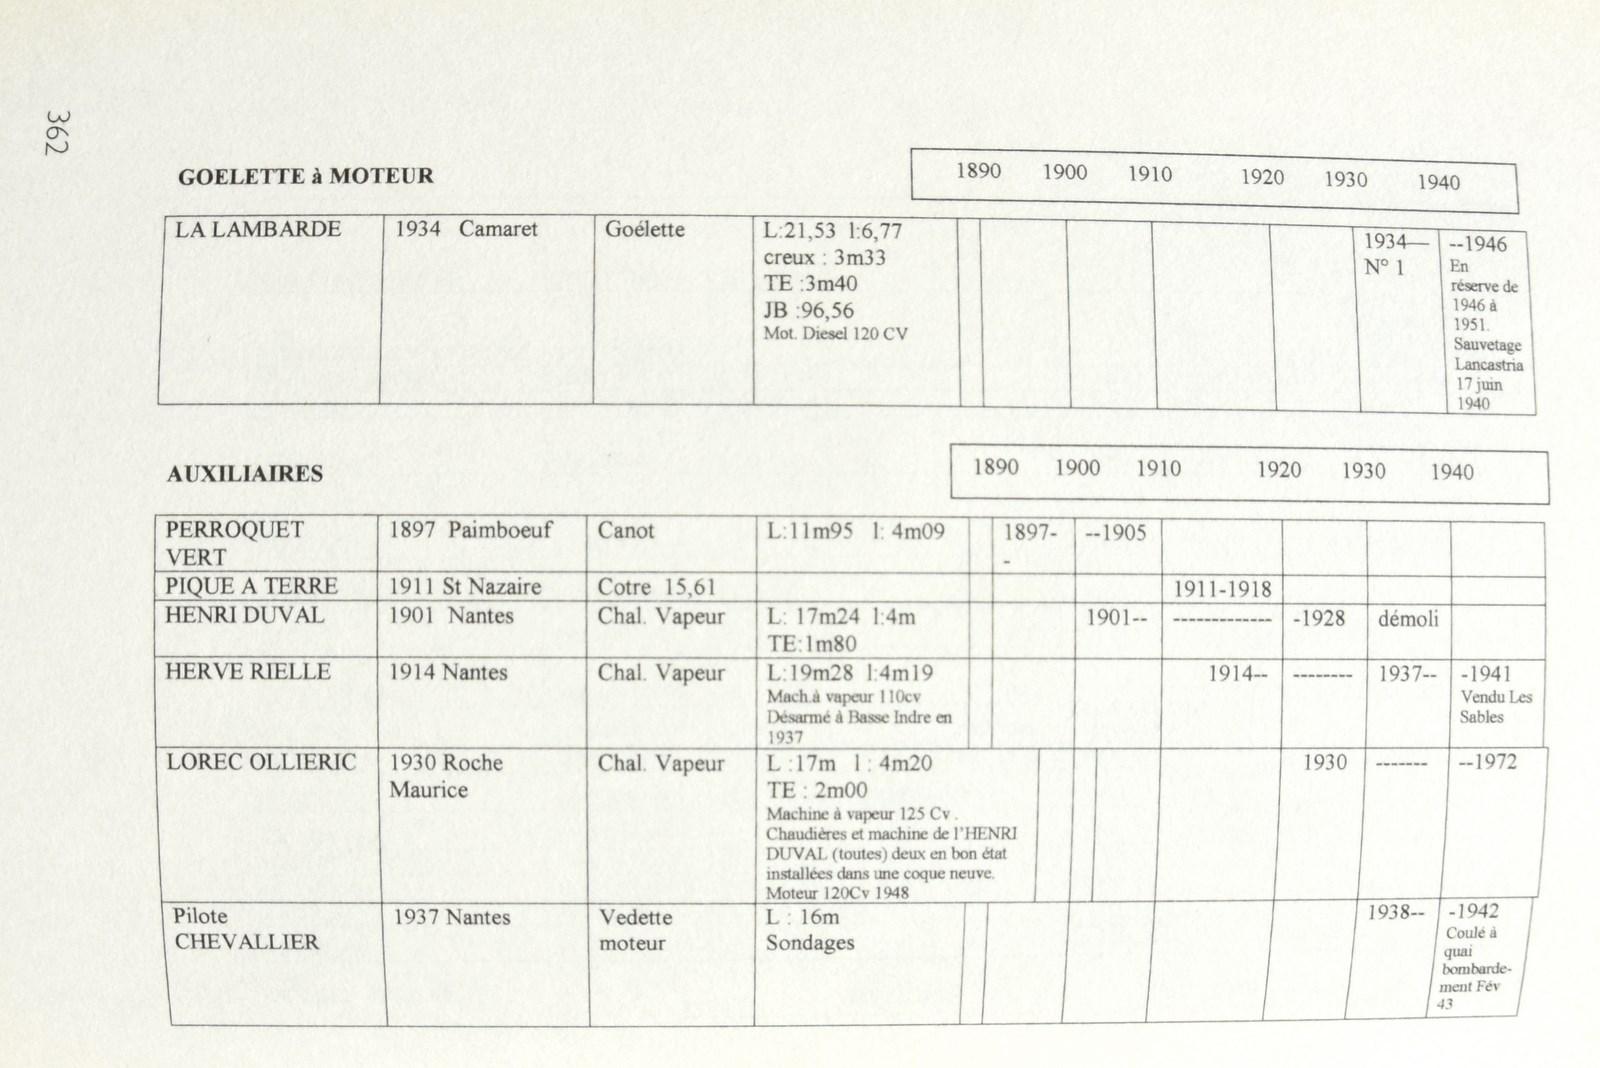 recherche des plans d'un modèle de yacht classique télécommandable inachevé - Page 2 171020025258623907